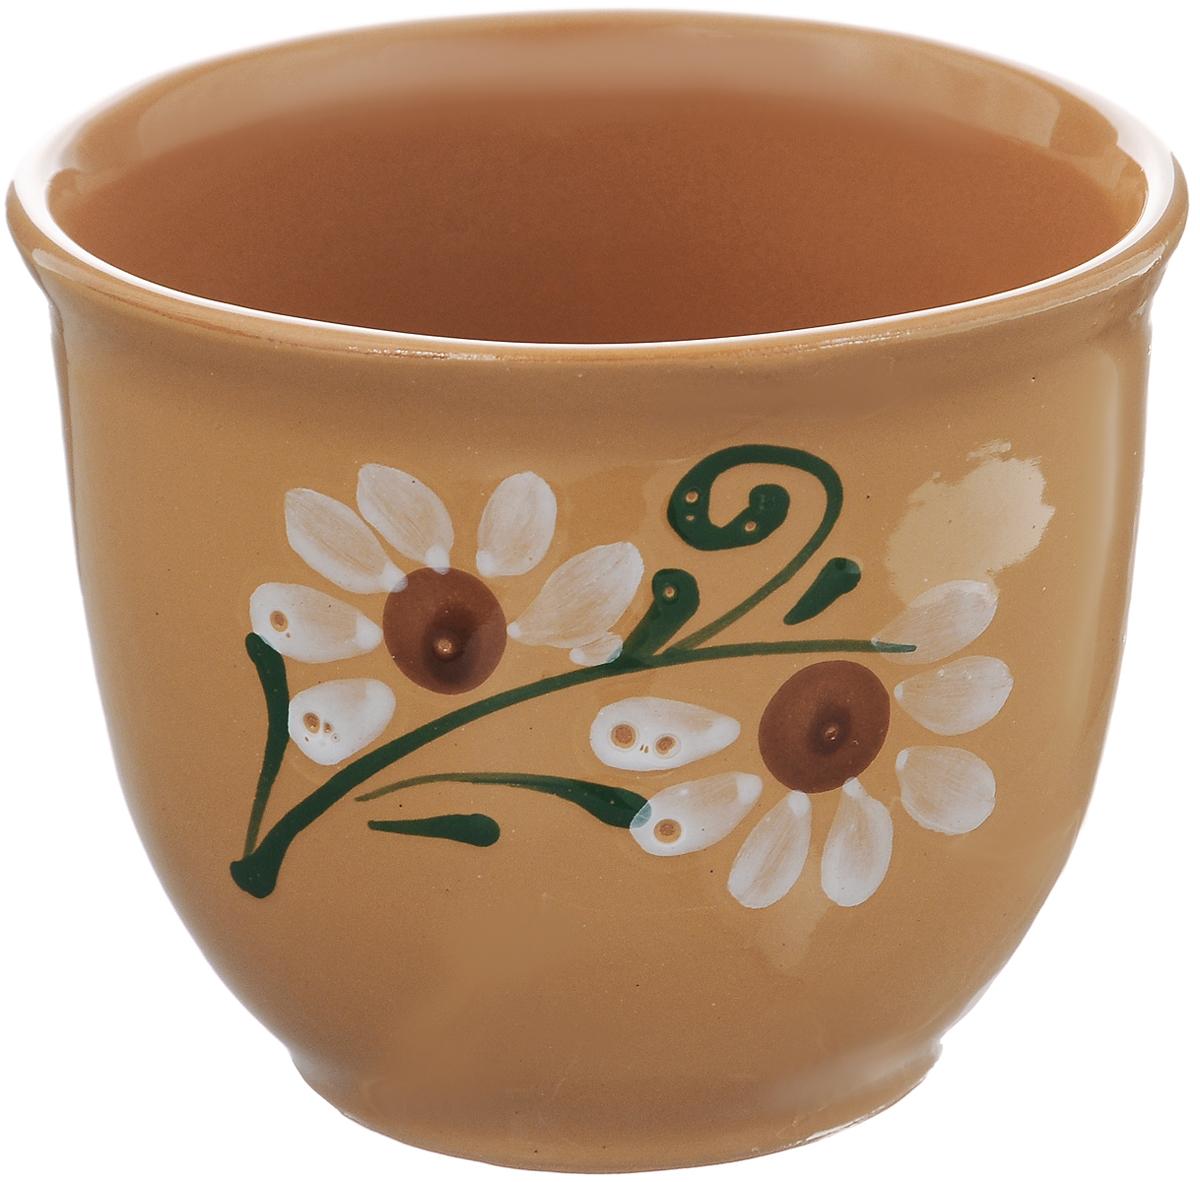 Стакан Борисовская керамика Cтандарт, 300 млОБЧ00000577Стакан Борисовская керамика Cтандарт выполнен из высококачественной глазурованной керамики. Внешние стенки изделия декорированы цветочным узором. Керамика не только сохраняет тепло, она сохраняет и прохладу. Напиток в таком стакане дольше будет холодным. Или горячим, это уже как вы захотите. Яркий дизайн придется по вкусу и ценителям классики, и тем, кто предпочитает утонченность и изысканность. Посуда термостойкая. Можно использовать в духовке и микроволновой печи. Диаметр (по верхнему краю): 10,5 см. Высота стакана: 8,5 см.